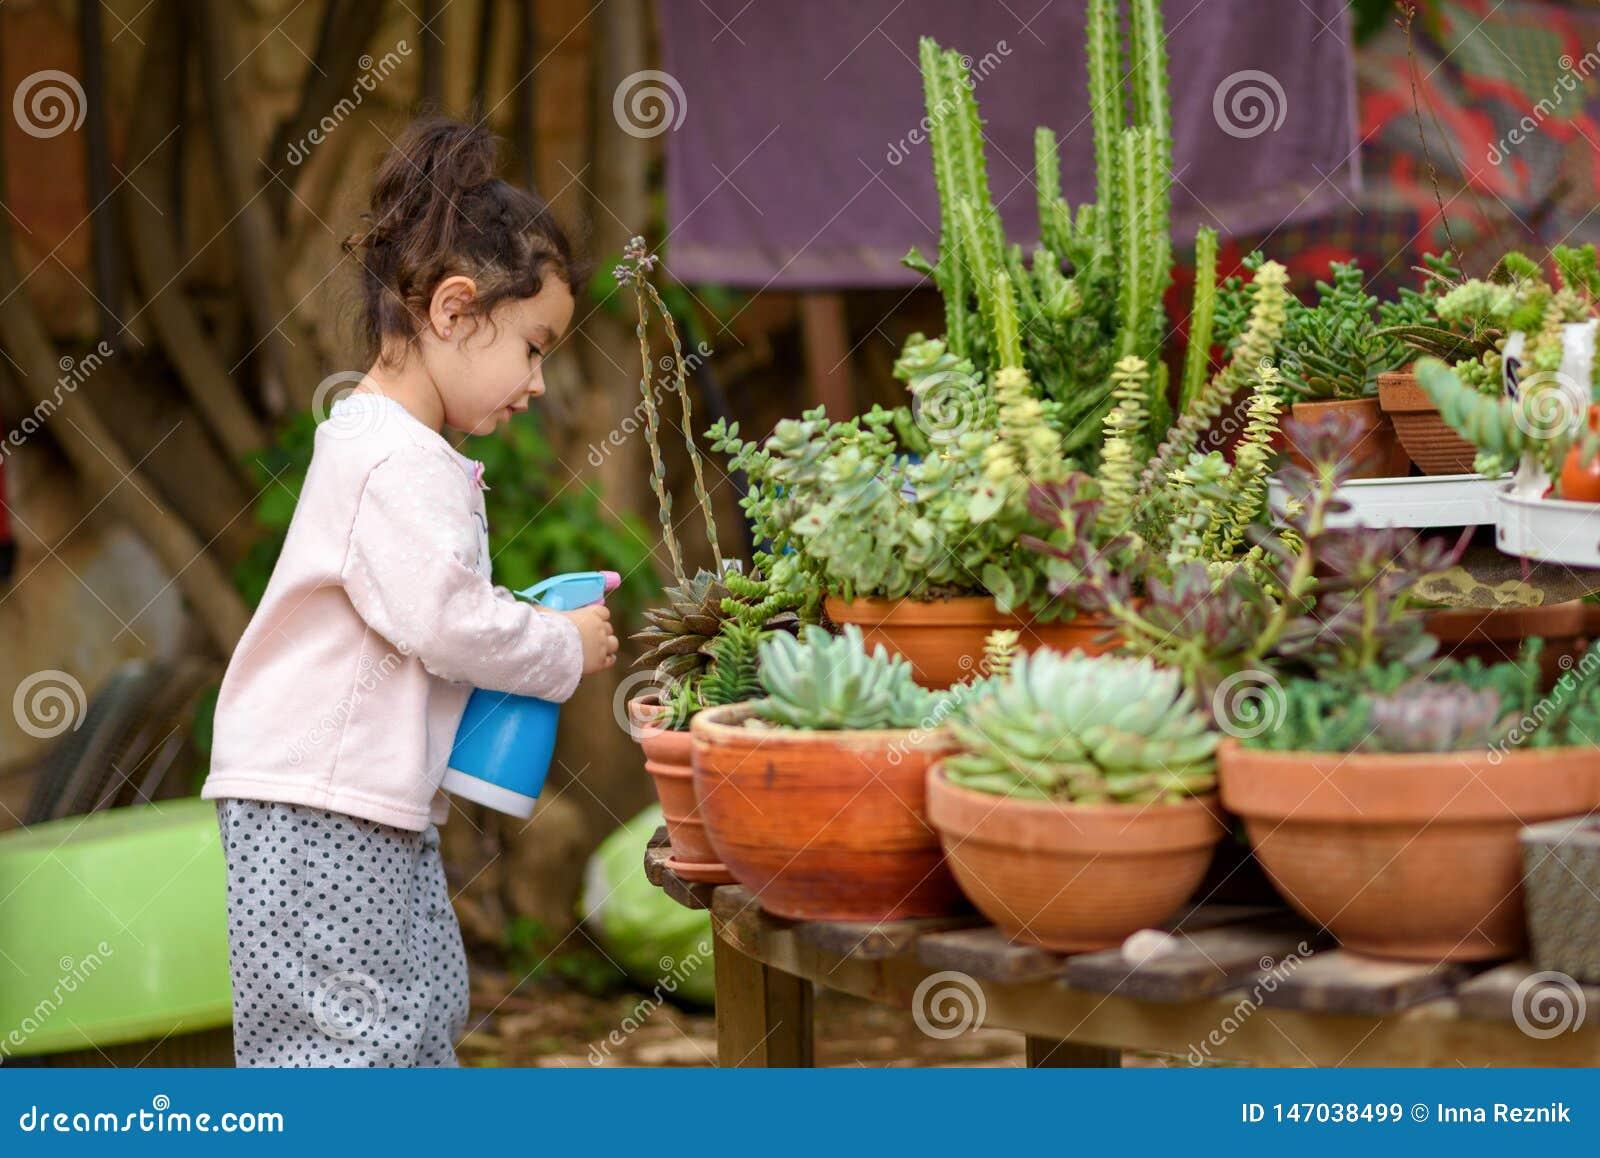 De zomerpret: Weinig Mooie Meisje het Water geven Tuin